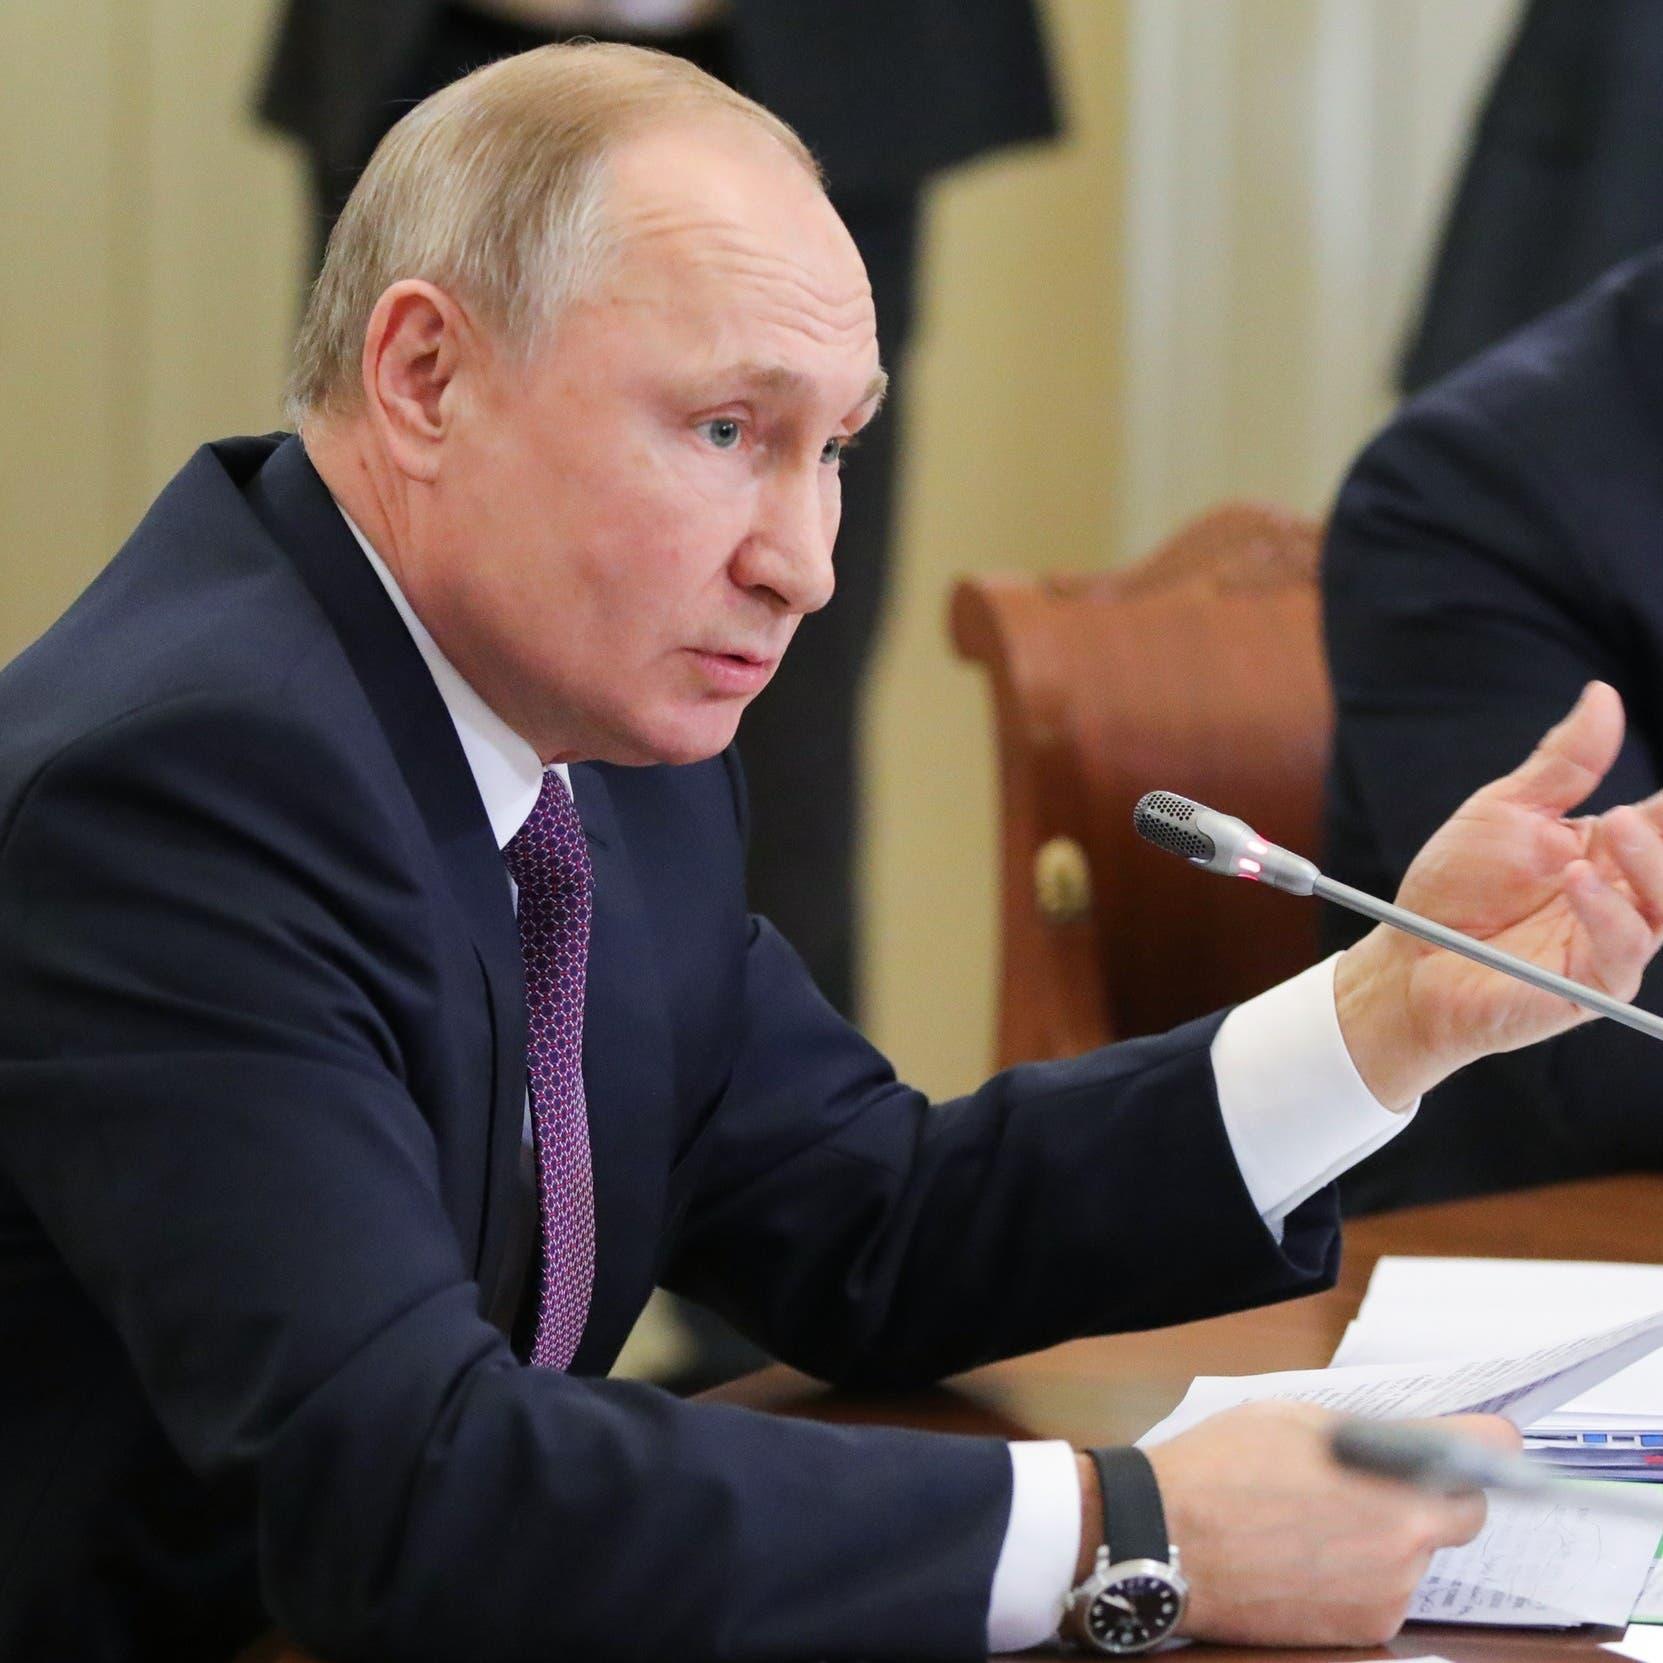 أول زيارة منذ 9 سنوات.. بوتين في دمشق